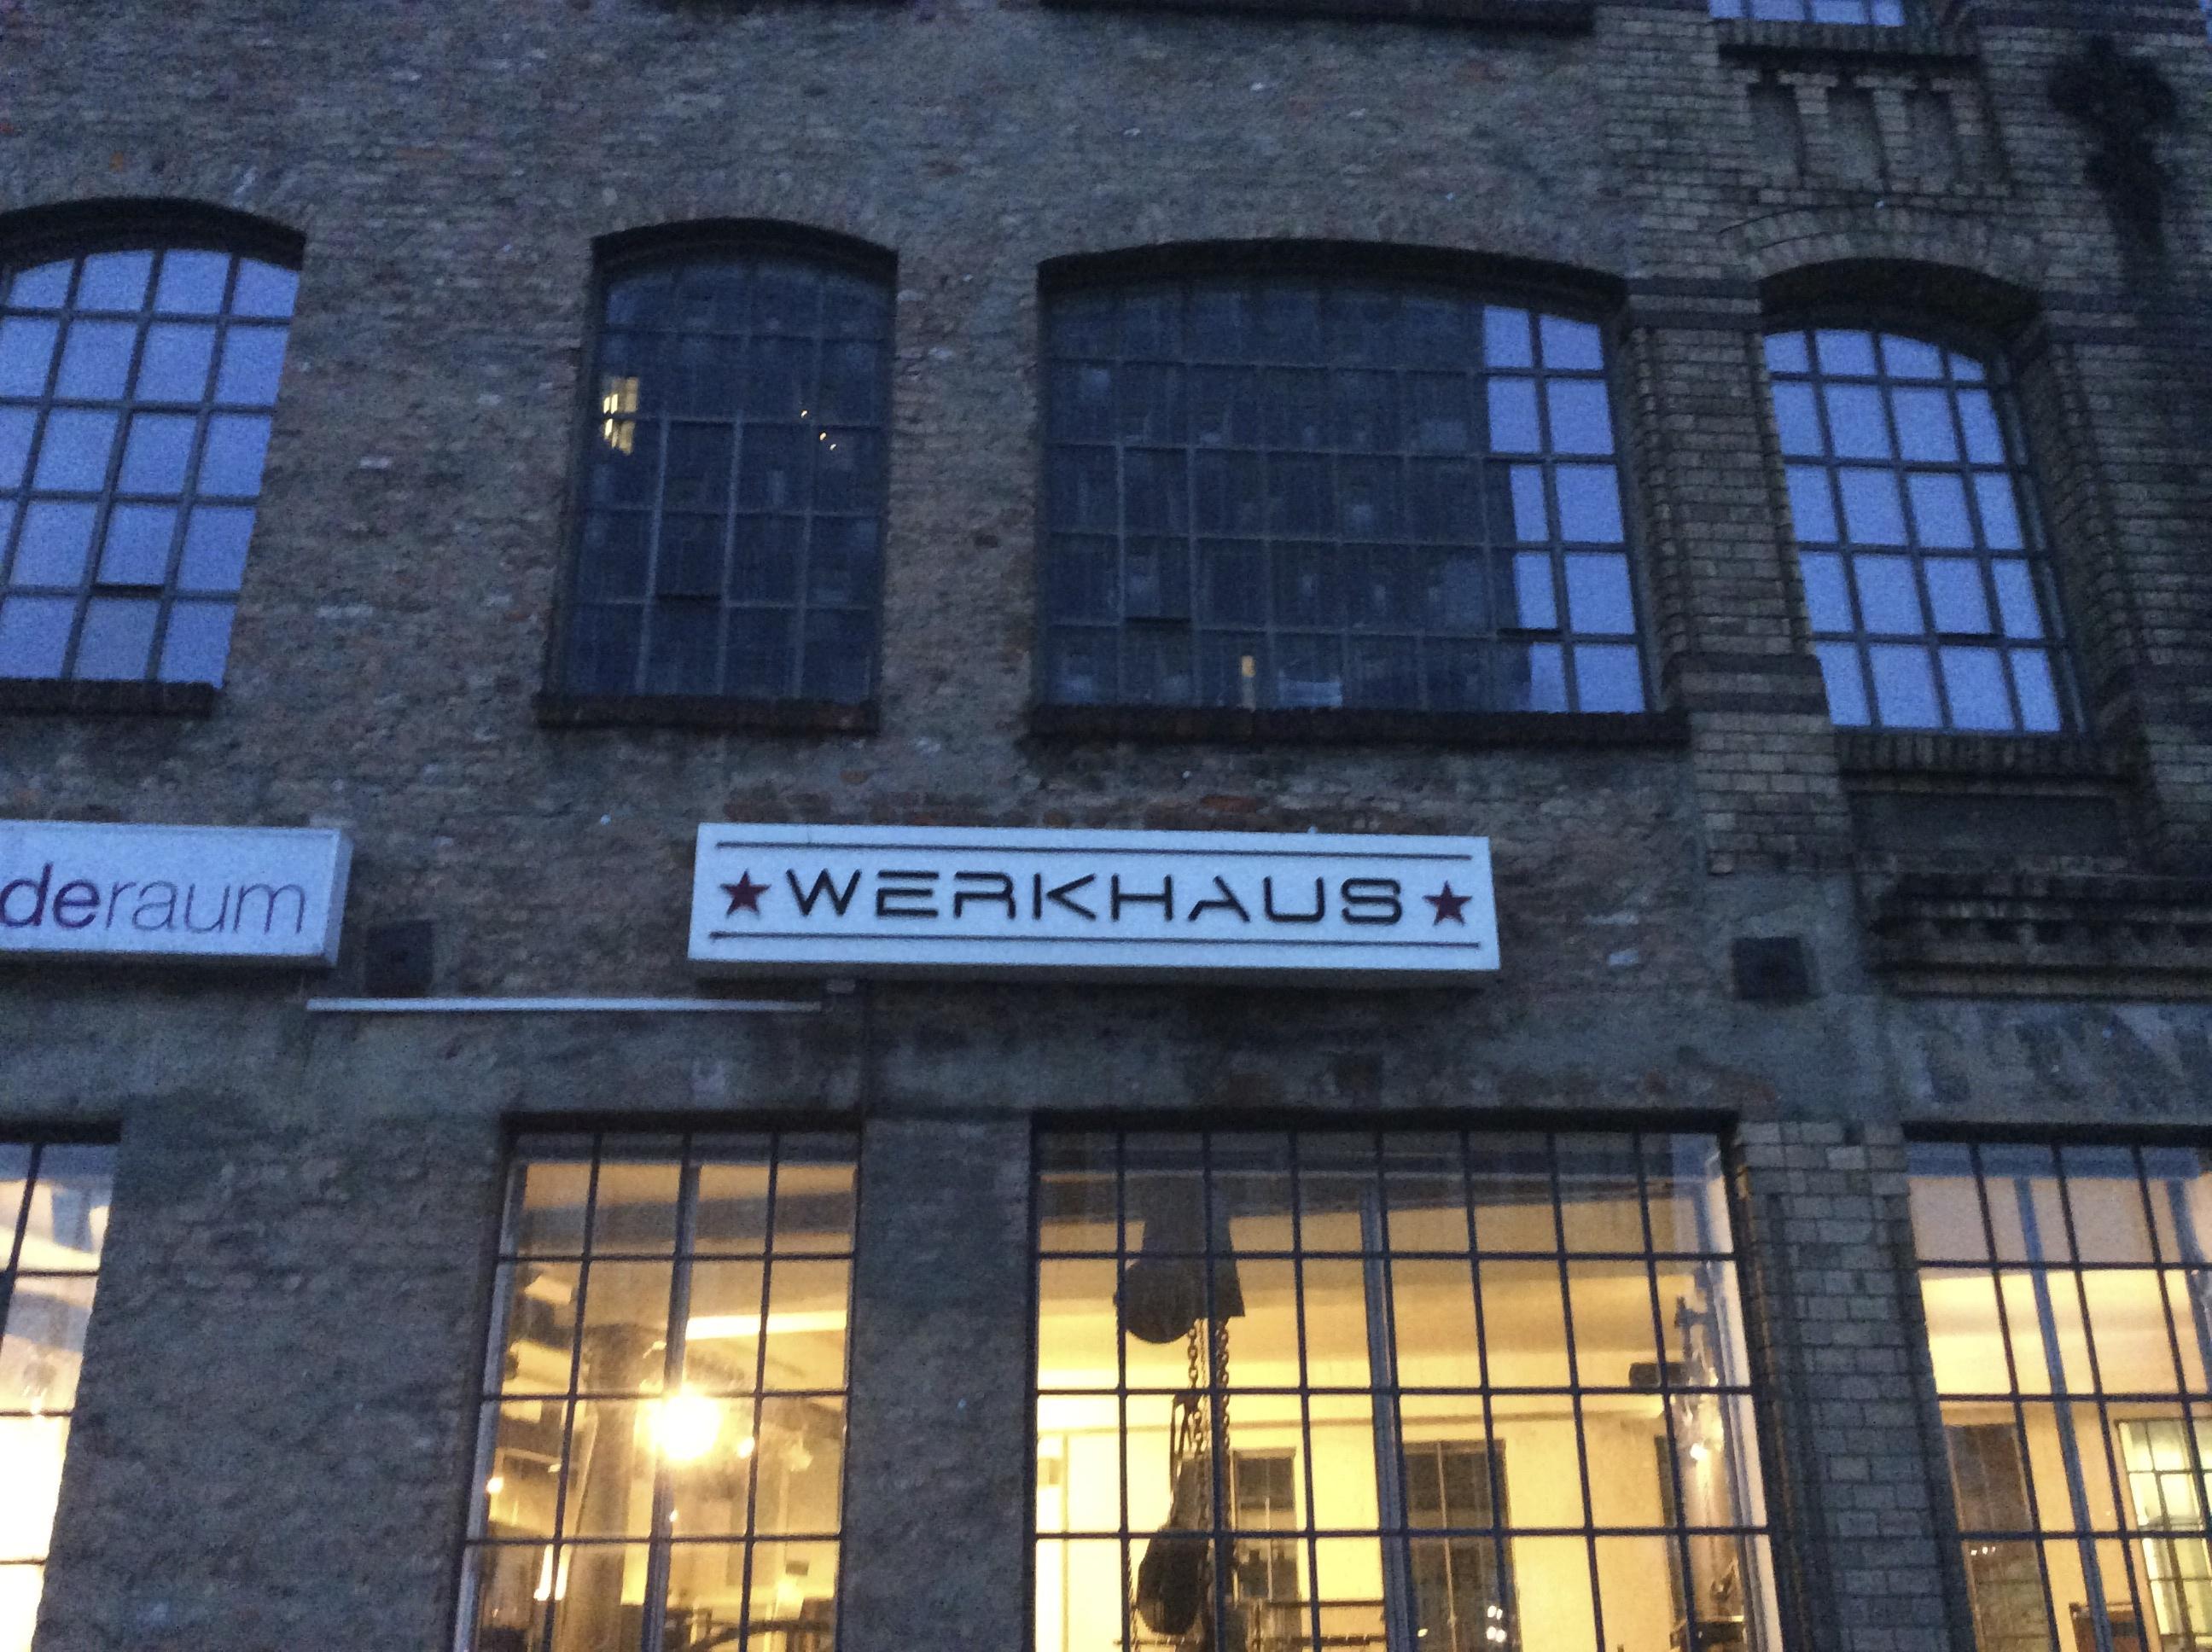 werkhaus_03_stefanpertschi